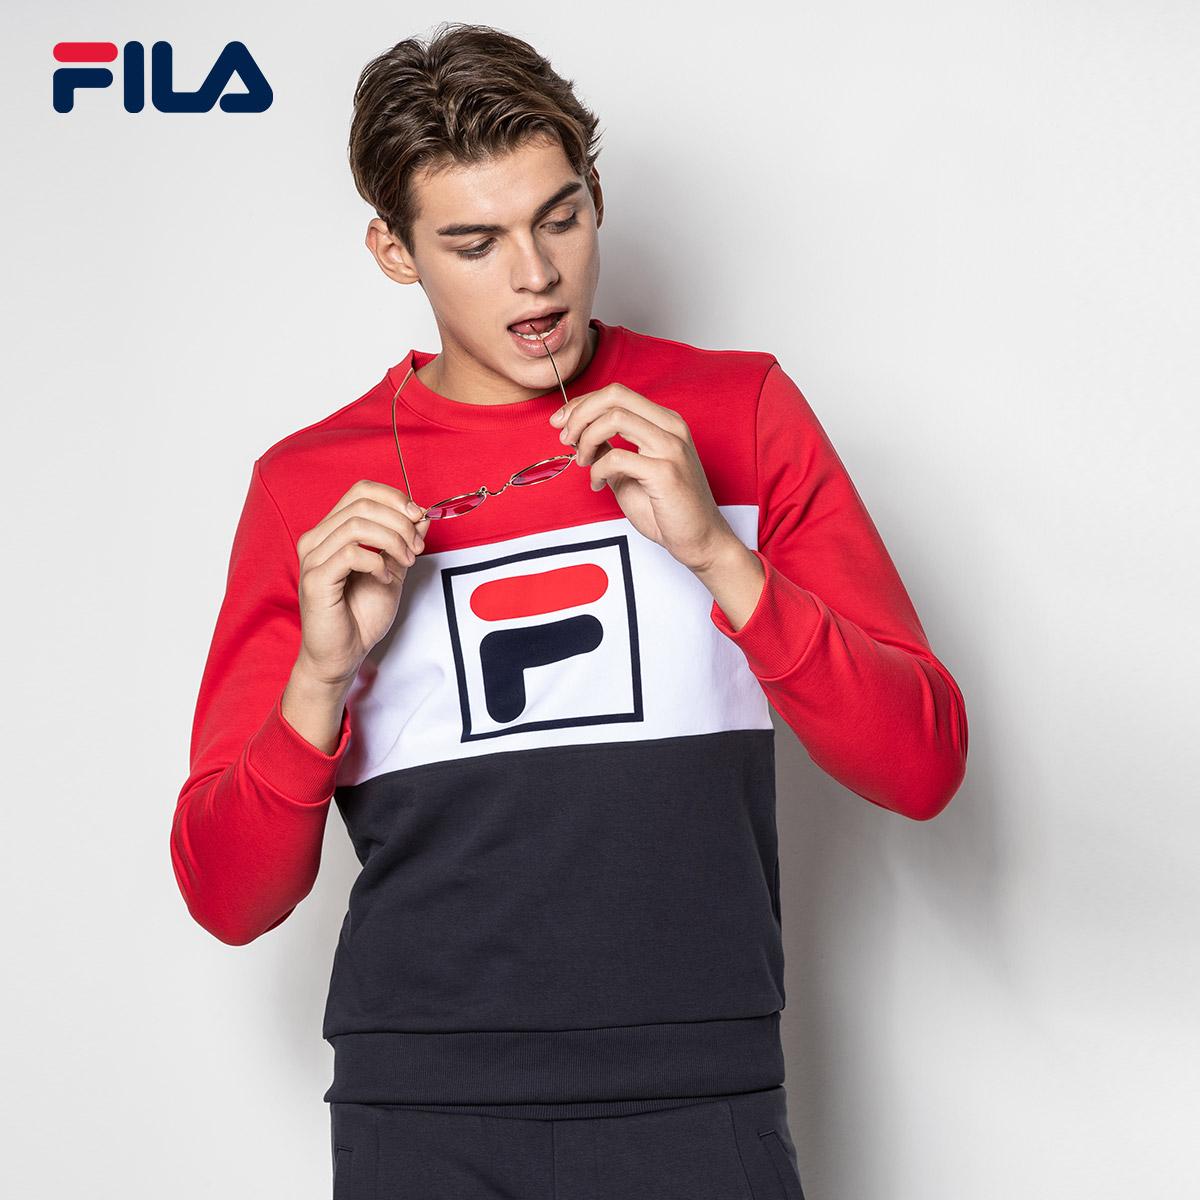 FILA斐乐男卫衣2018秋季新款针织LOGO运动休闲宽松套头卫衣男